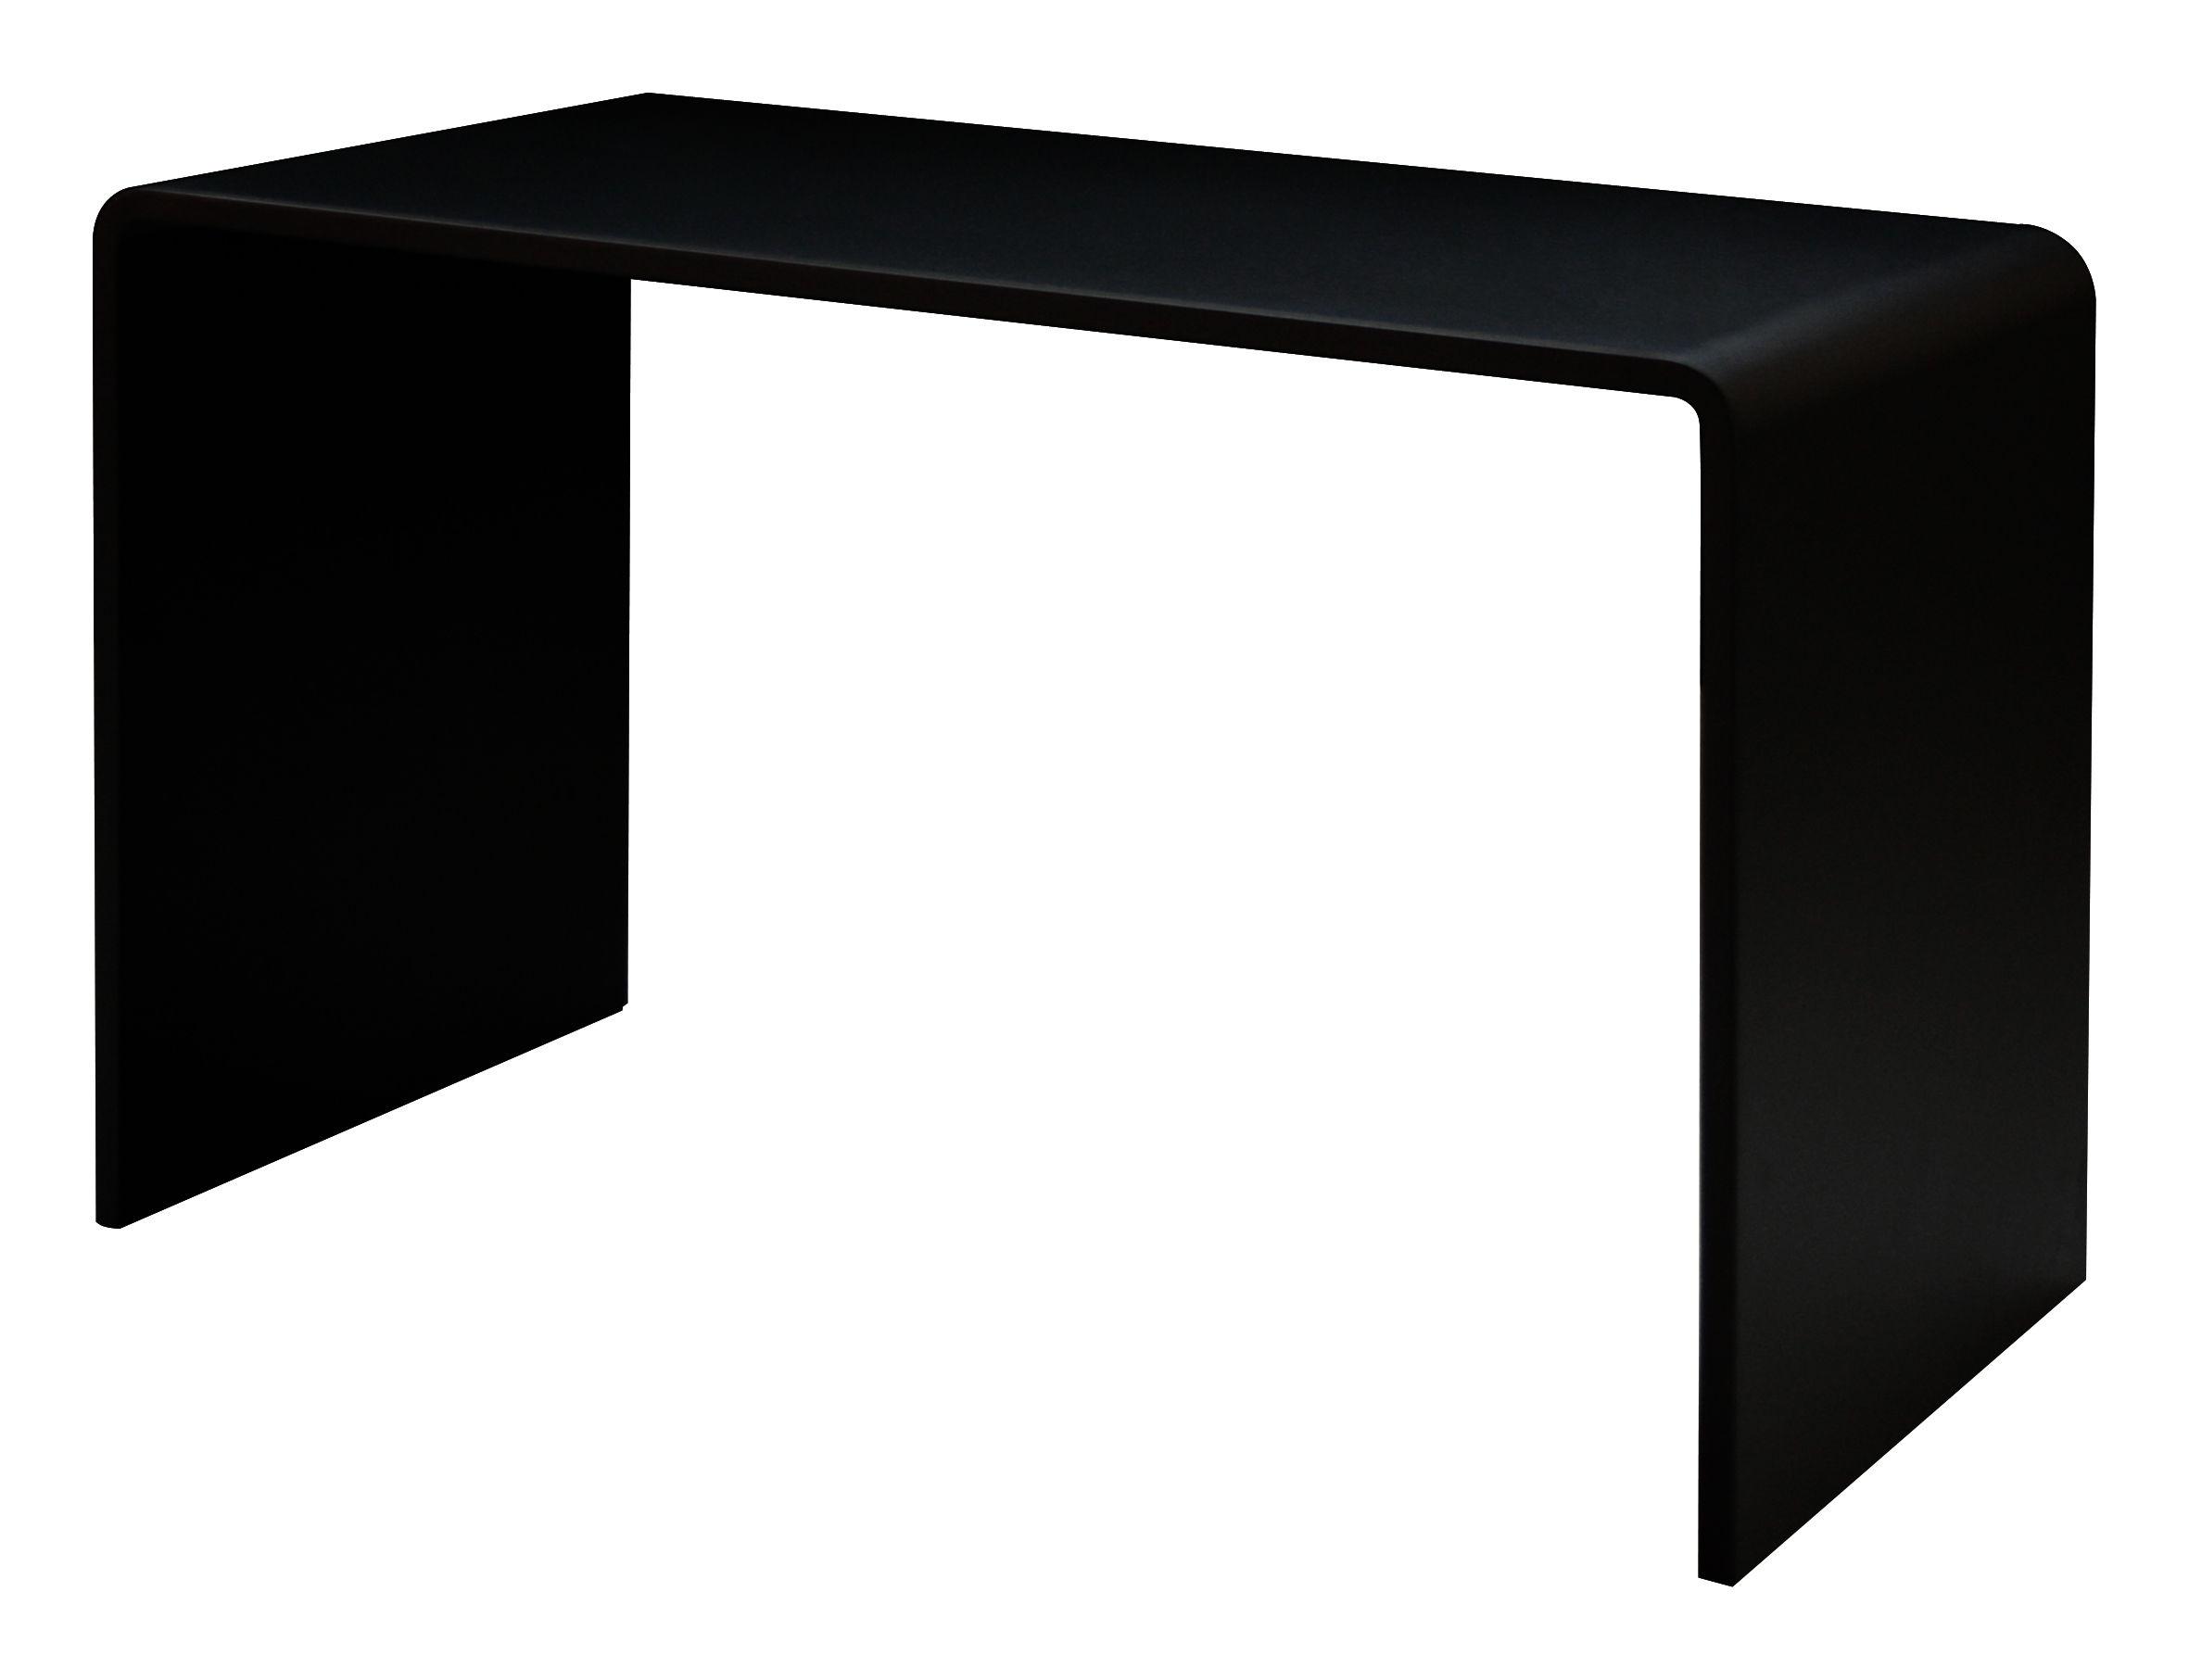 Mobilier - Bureaux - Bureau Solitaire / L 120 cm - Zeus - Noir - Acier phosphaté